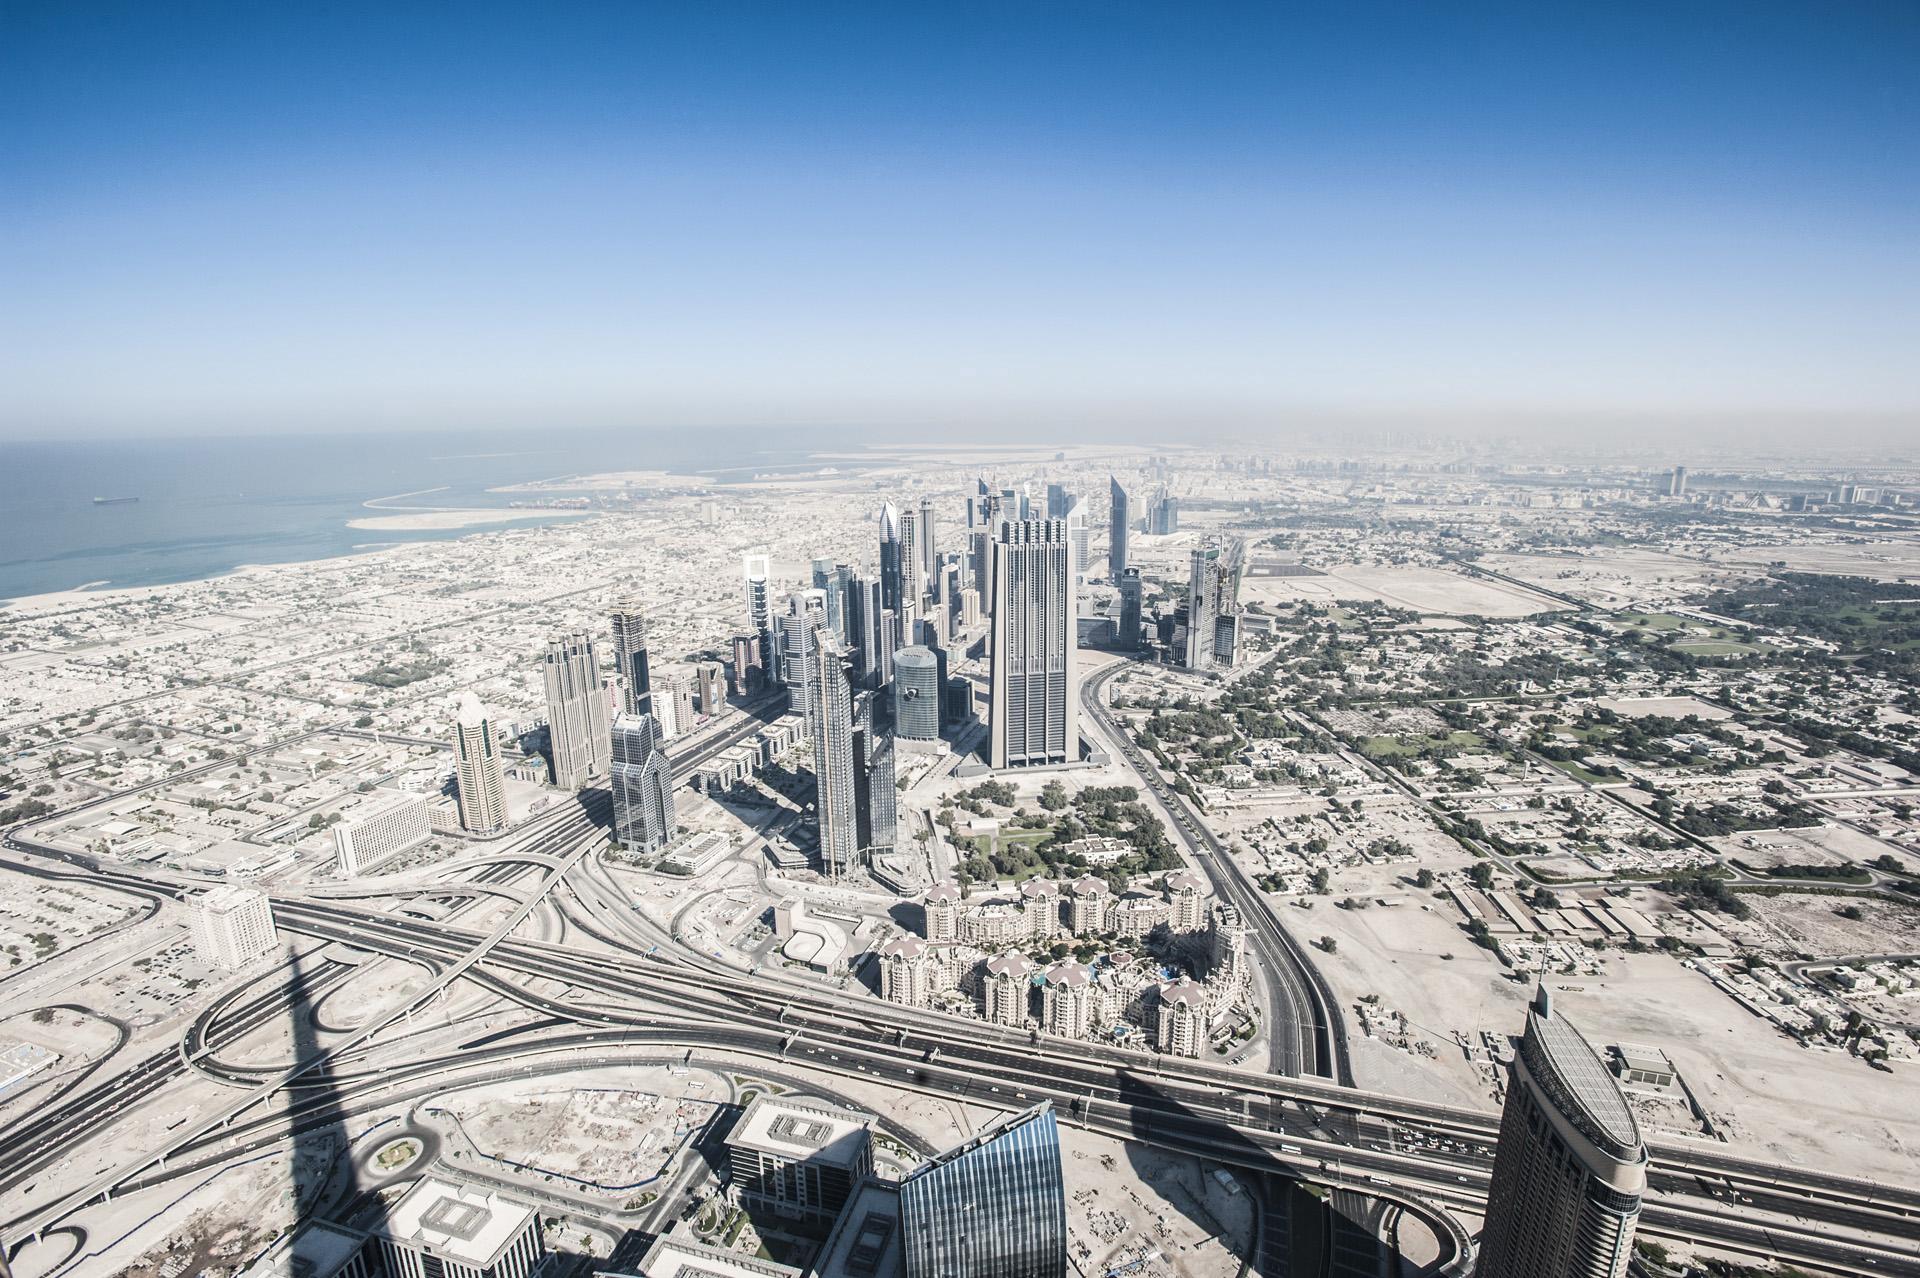 DSC0179x - Dubai